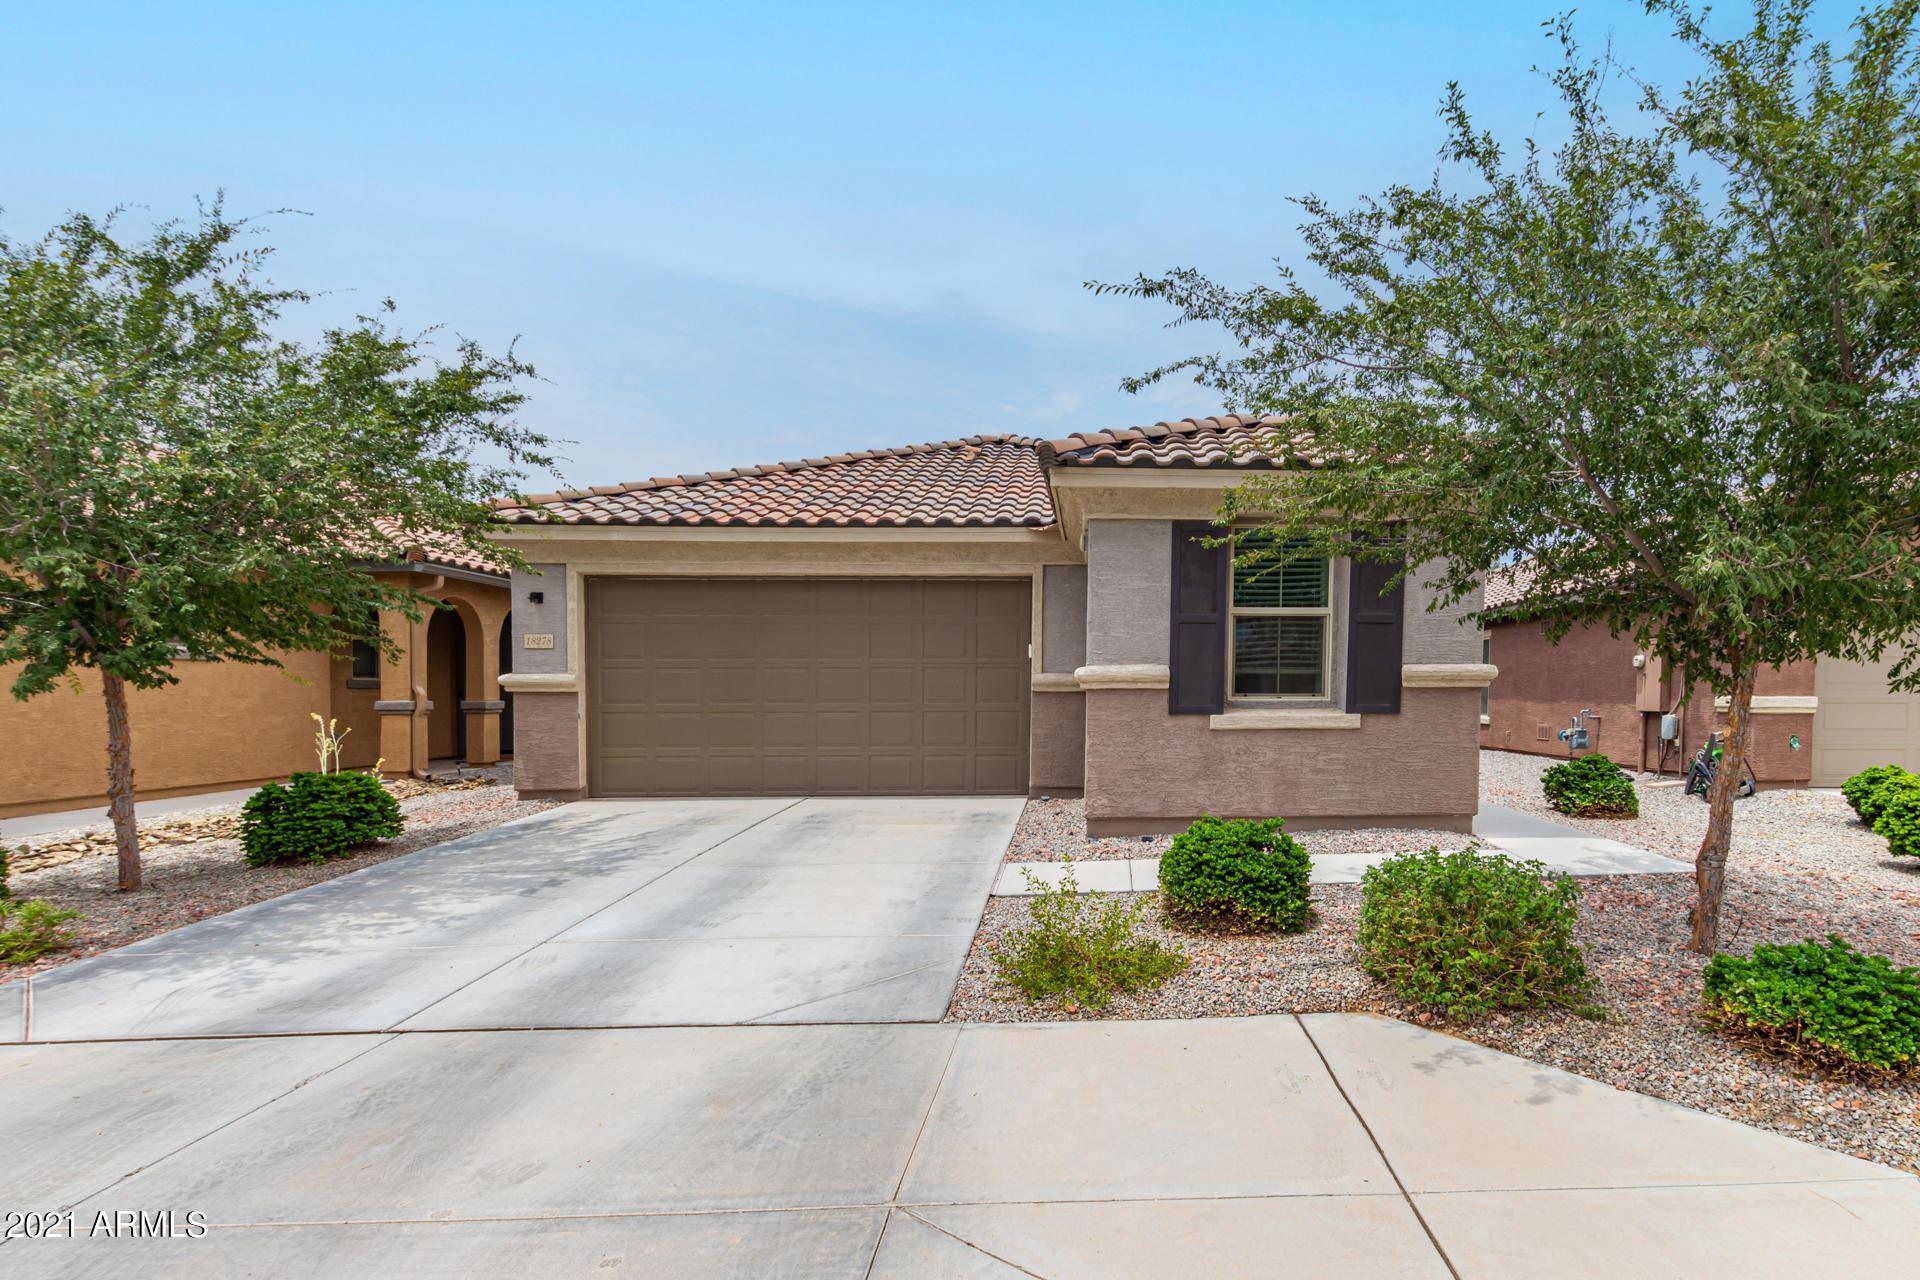 Photo of 18278 N HOSKIN Drive, Maricopa, AZ 85138 (MLS # 6266268)